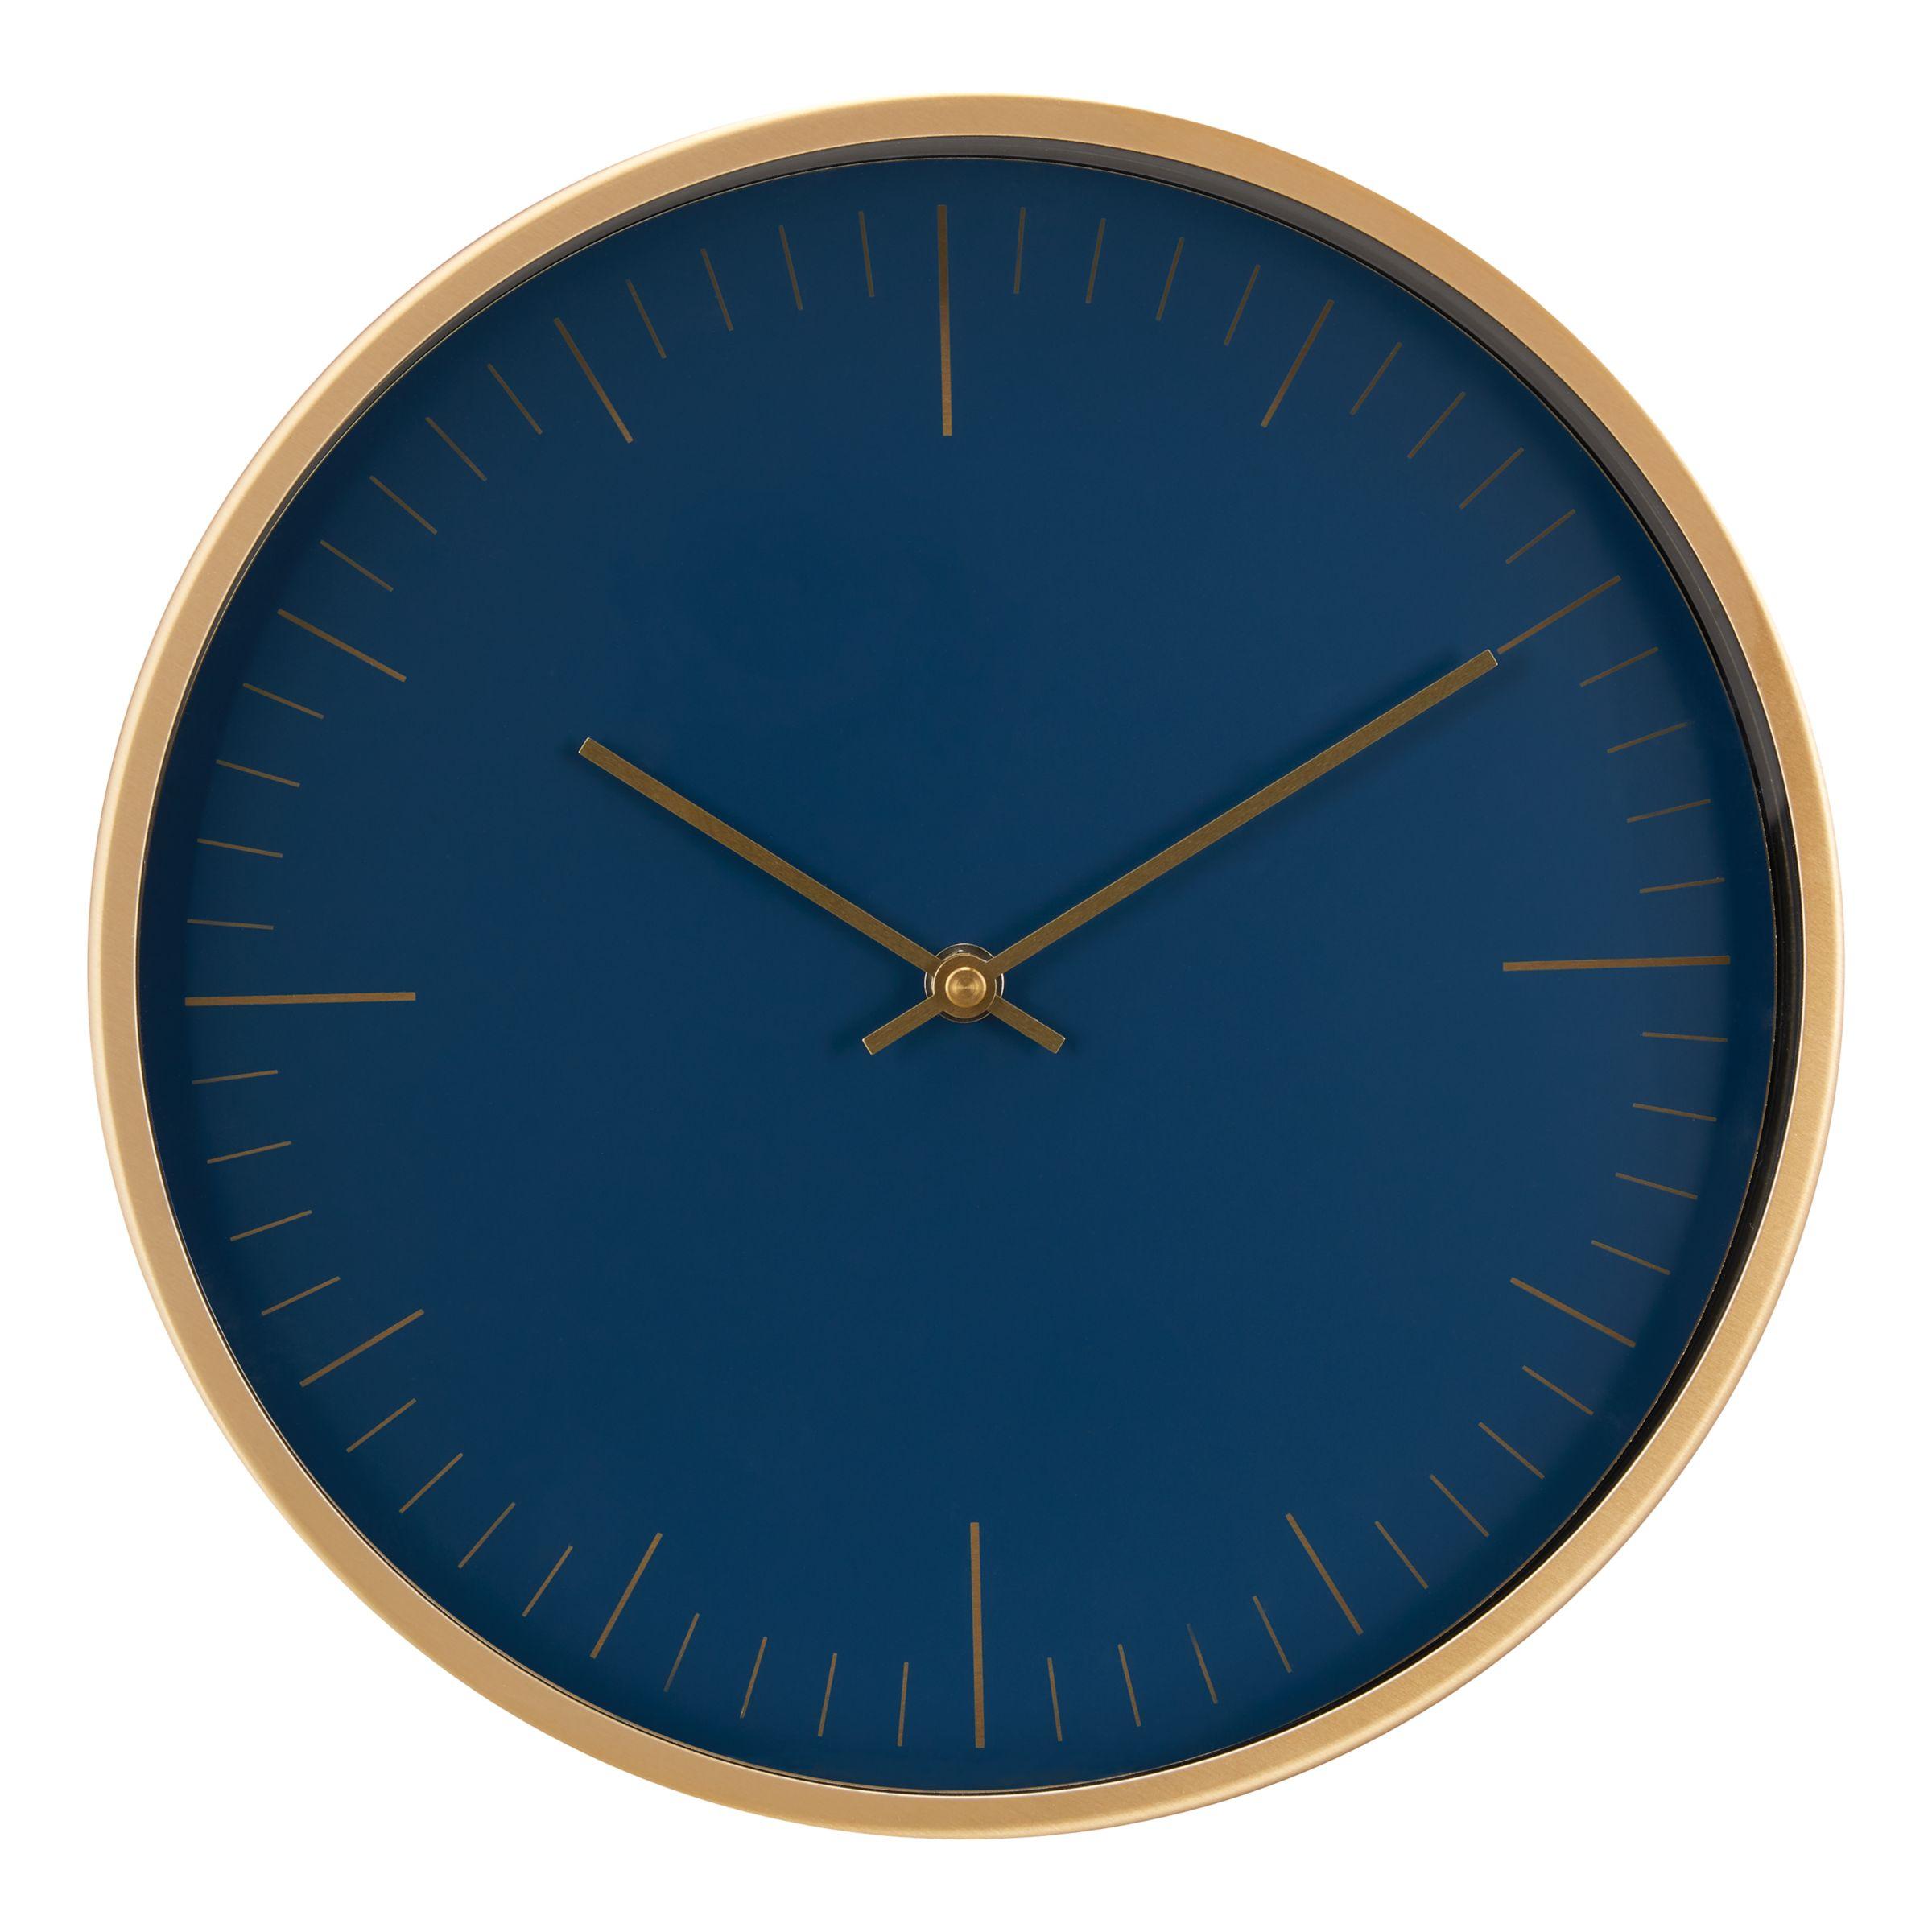 John Lewis & Partners Wall Clock, Navy/Brass, 30cm